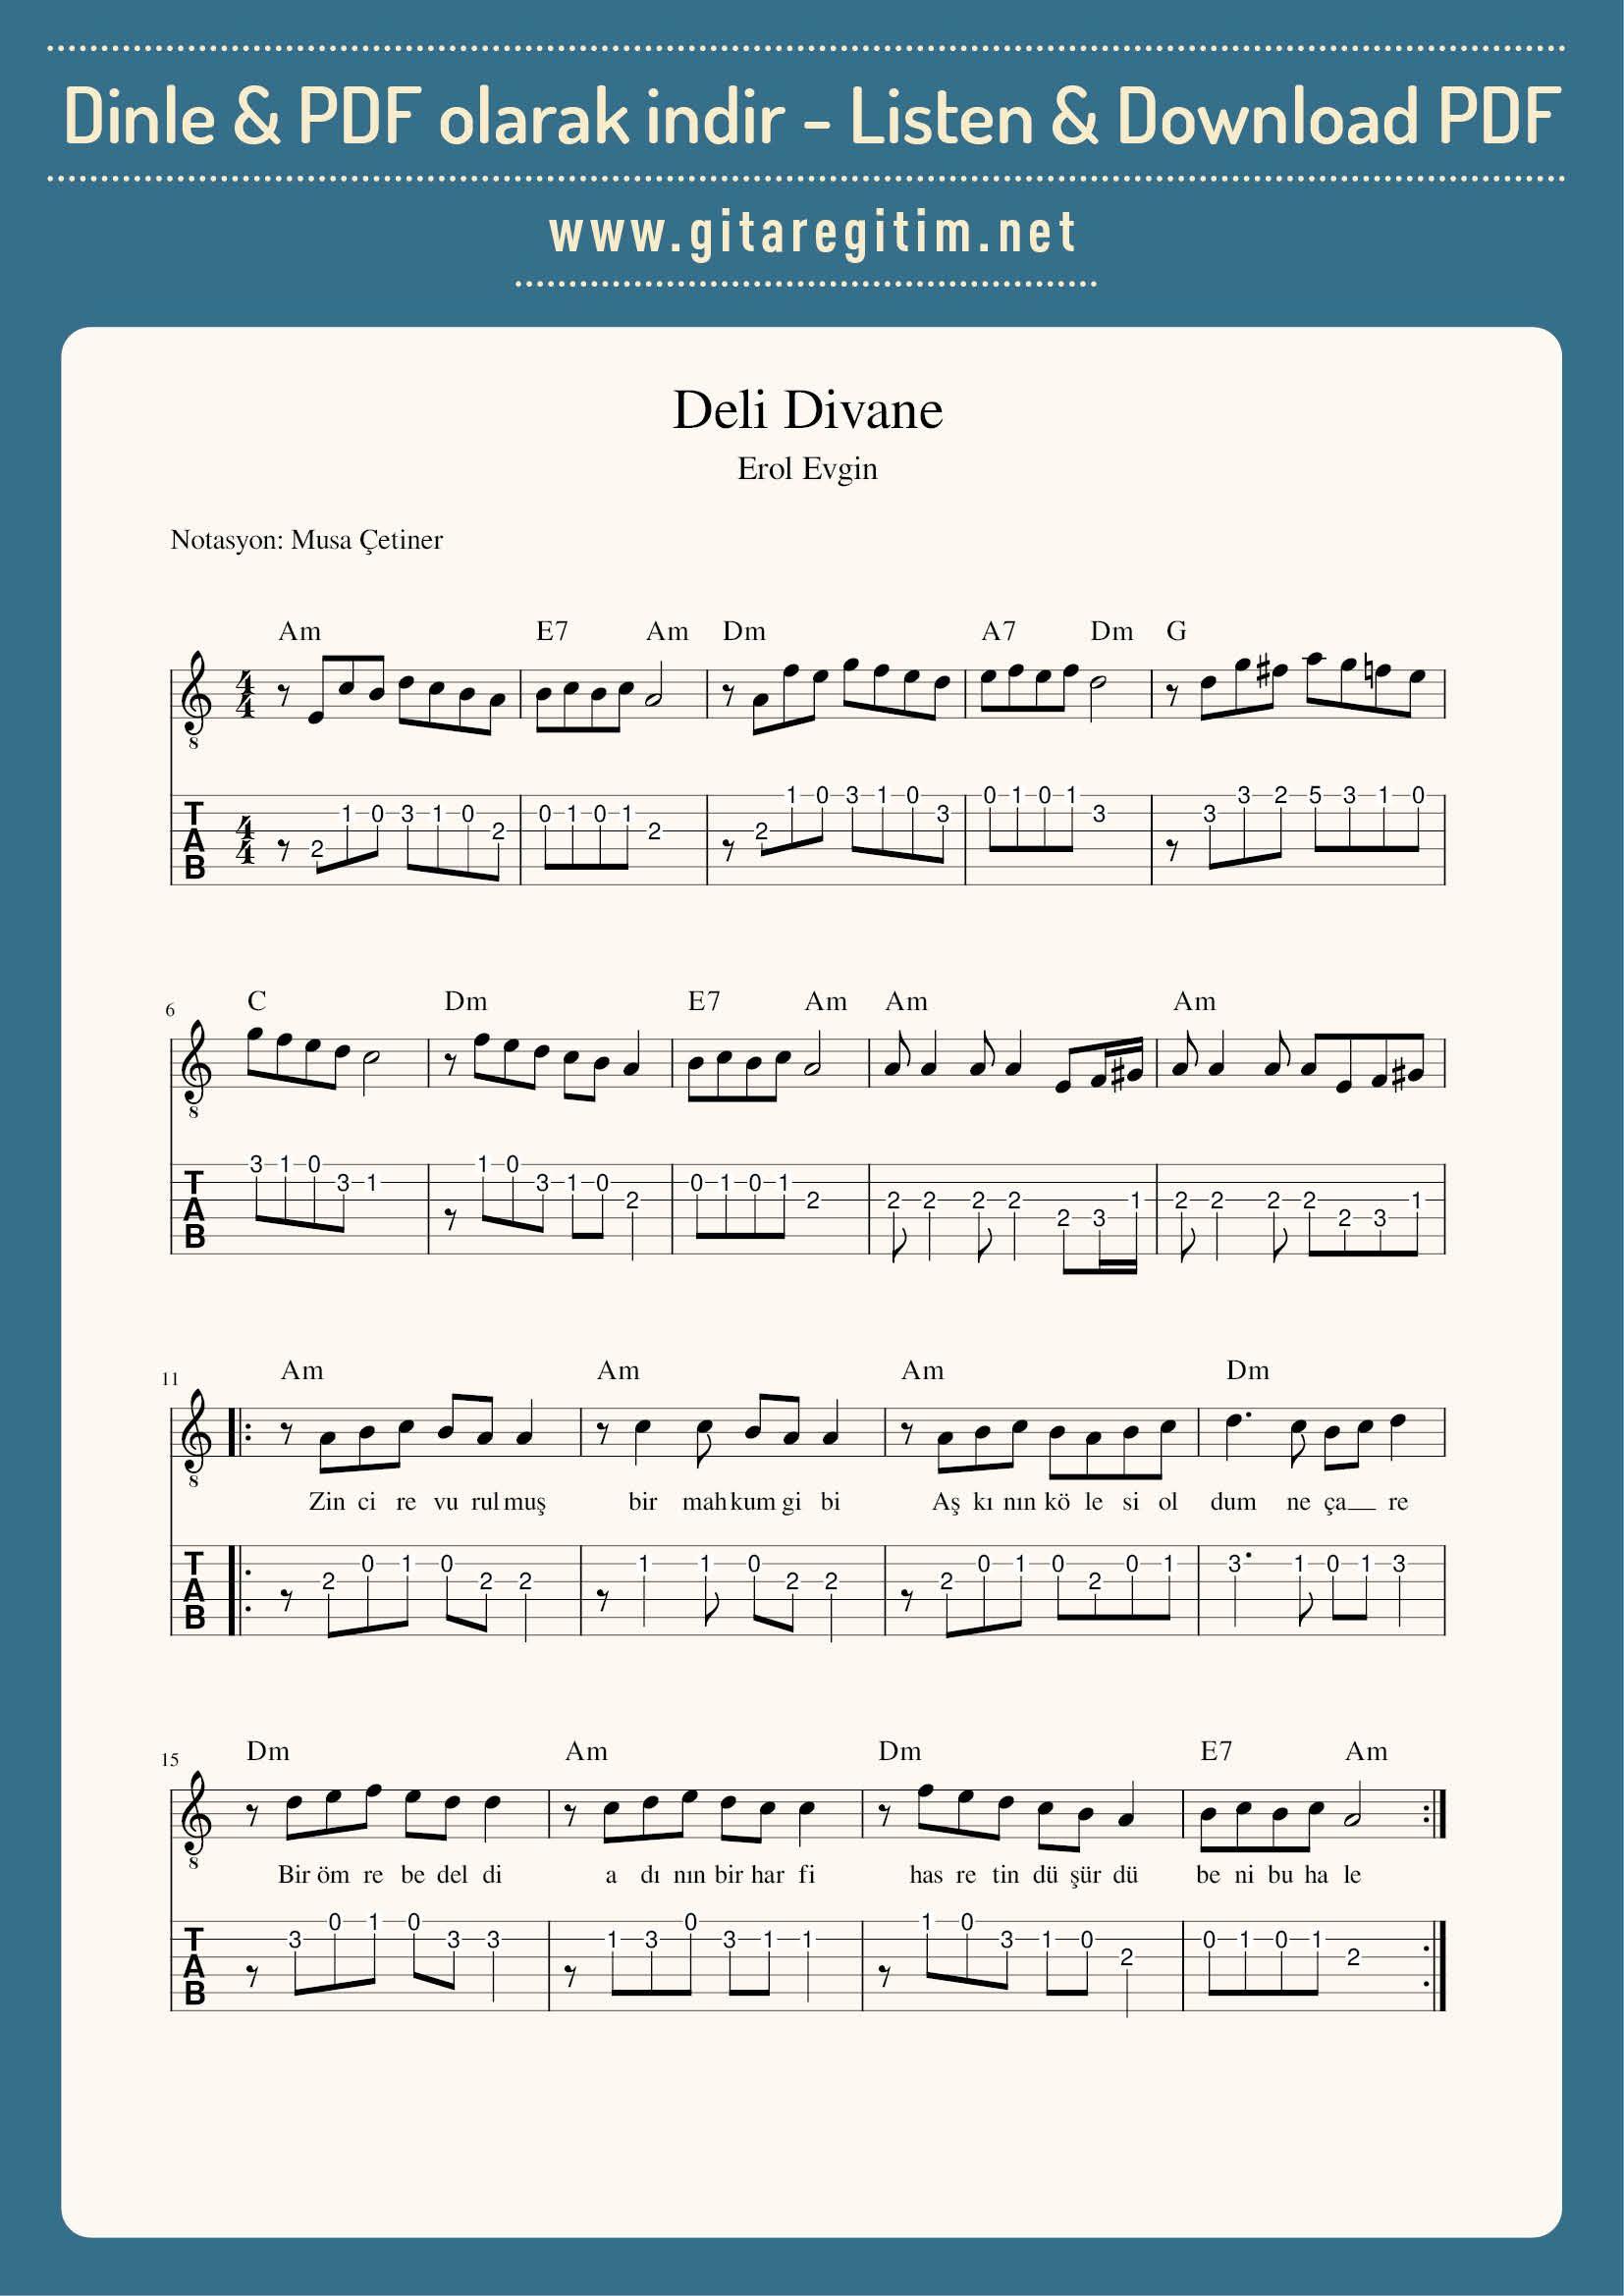 Deli Divane Nota Tab Gitaregitim Net Notalara Dokulmus Muzik Muzik Calisma Kagitlari Flut